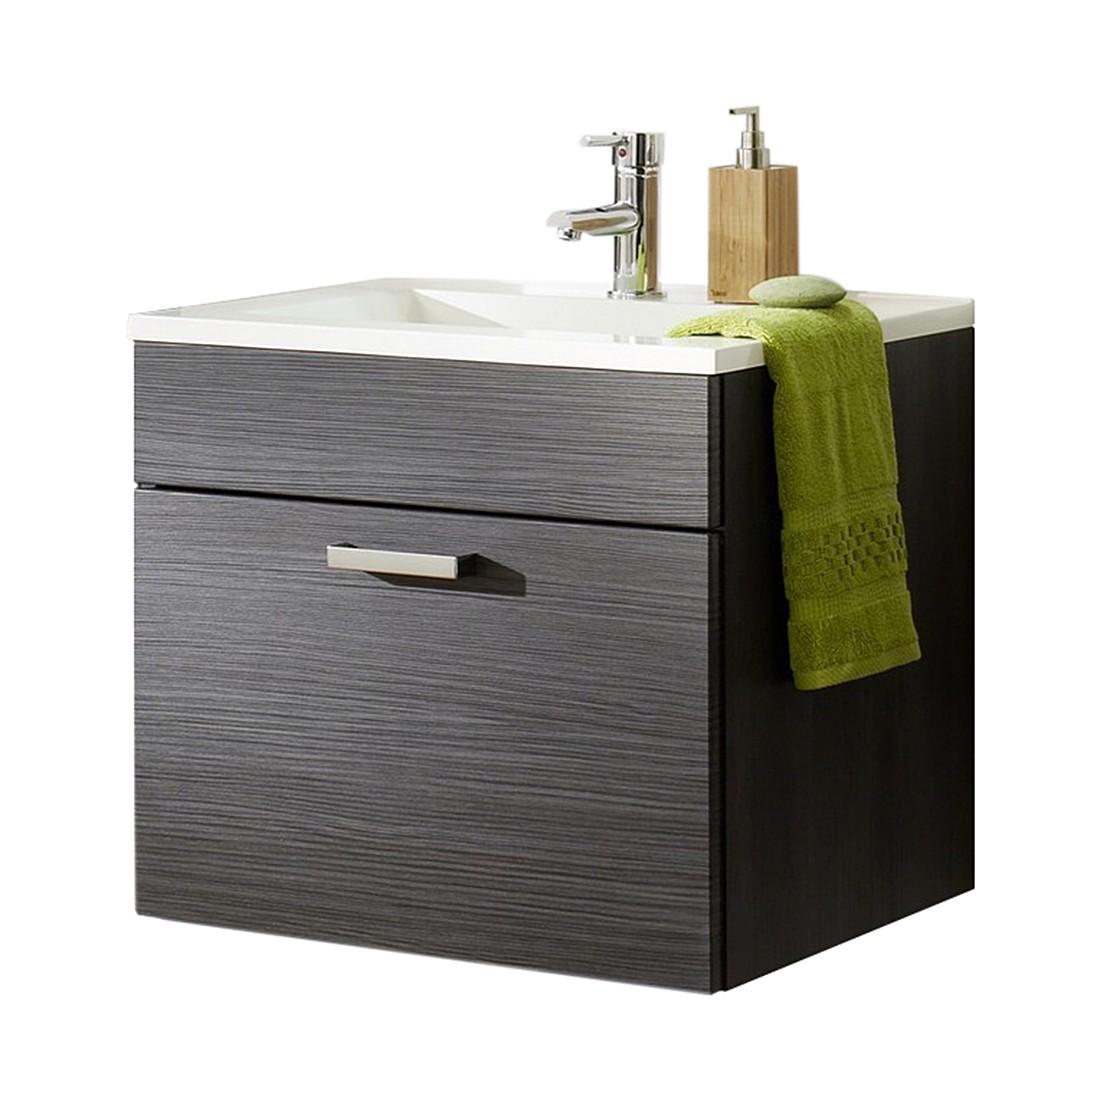 Vente meuble salle bain salle de bain meubles sous vasque for Vasque et meuble